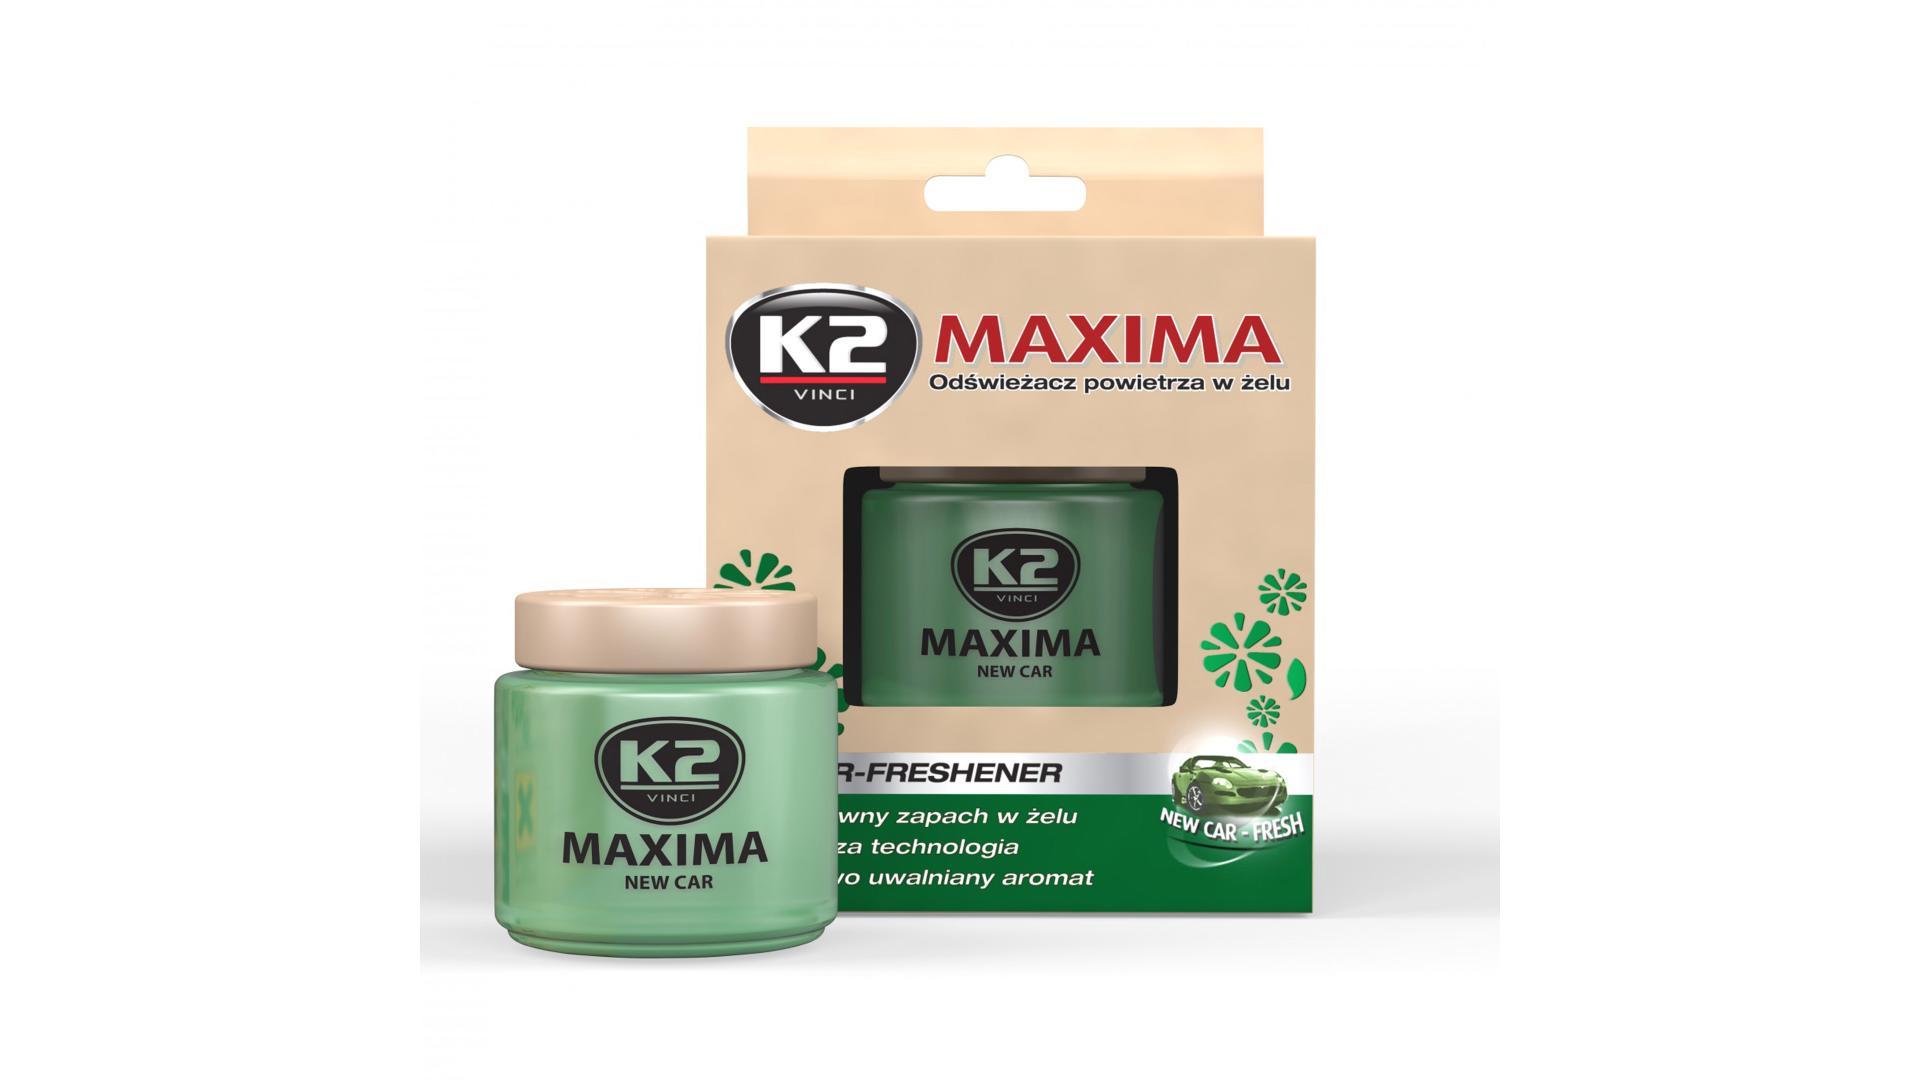 K2 Maxima New Car